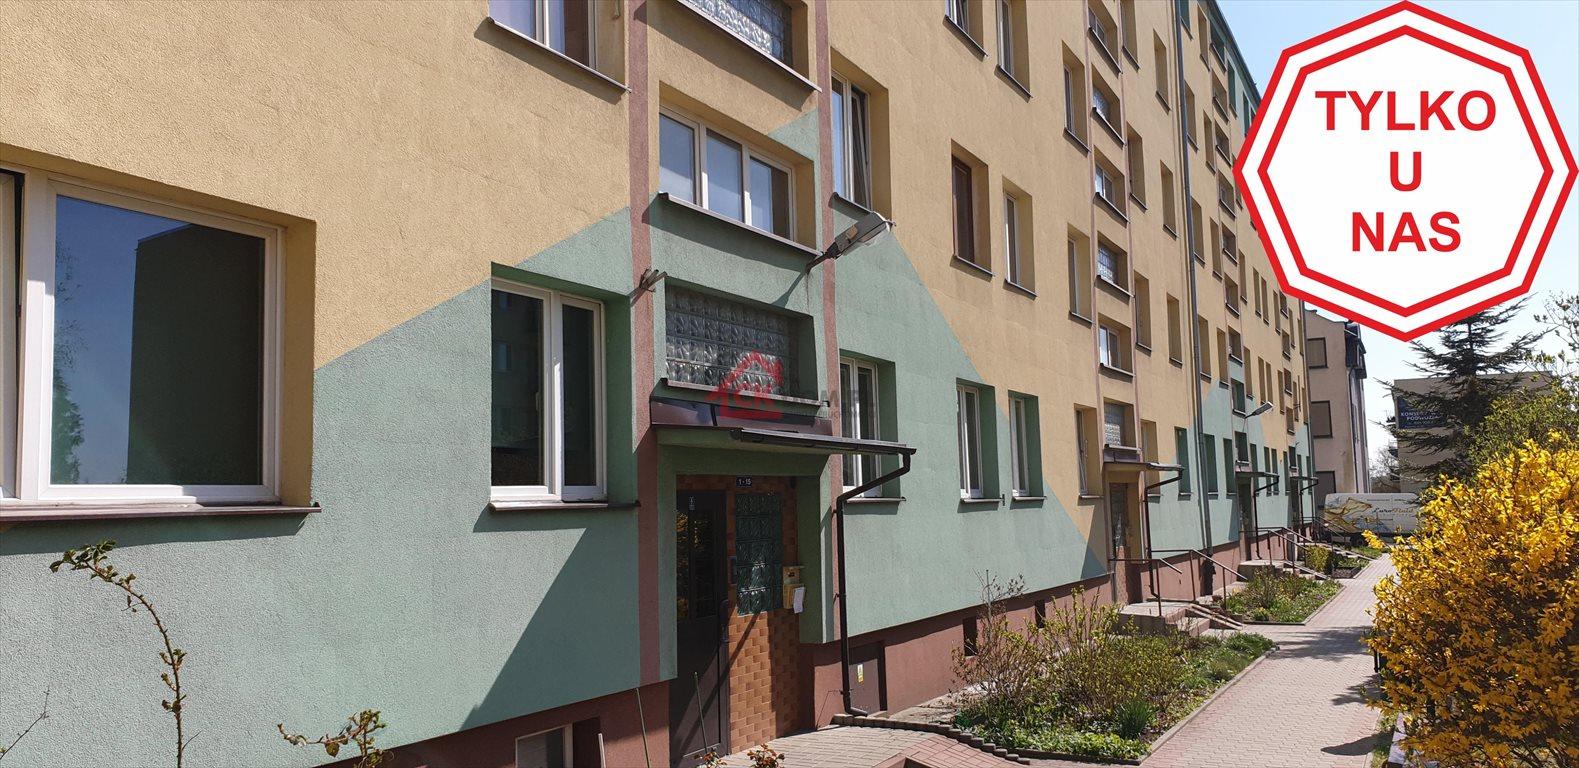 Mieszkanie dwupokojowe na sprzedaż Kielce, Szydłówek, Stara  47m2 Foto 4